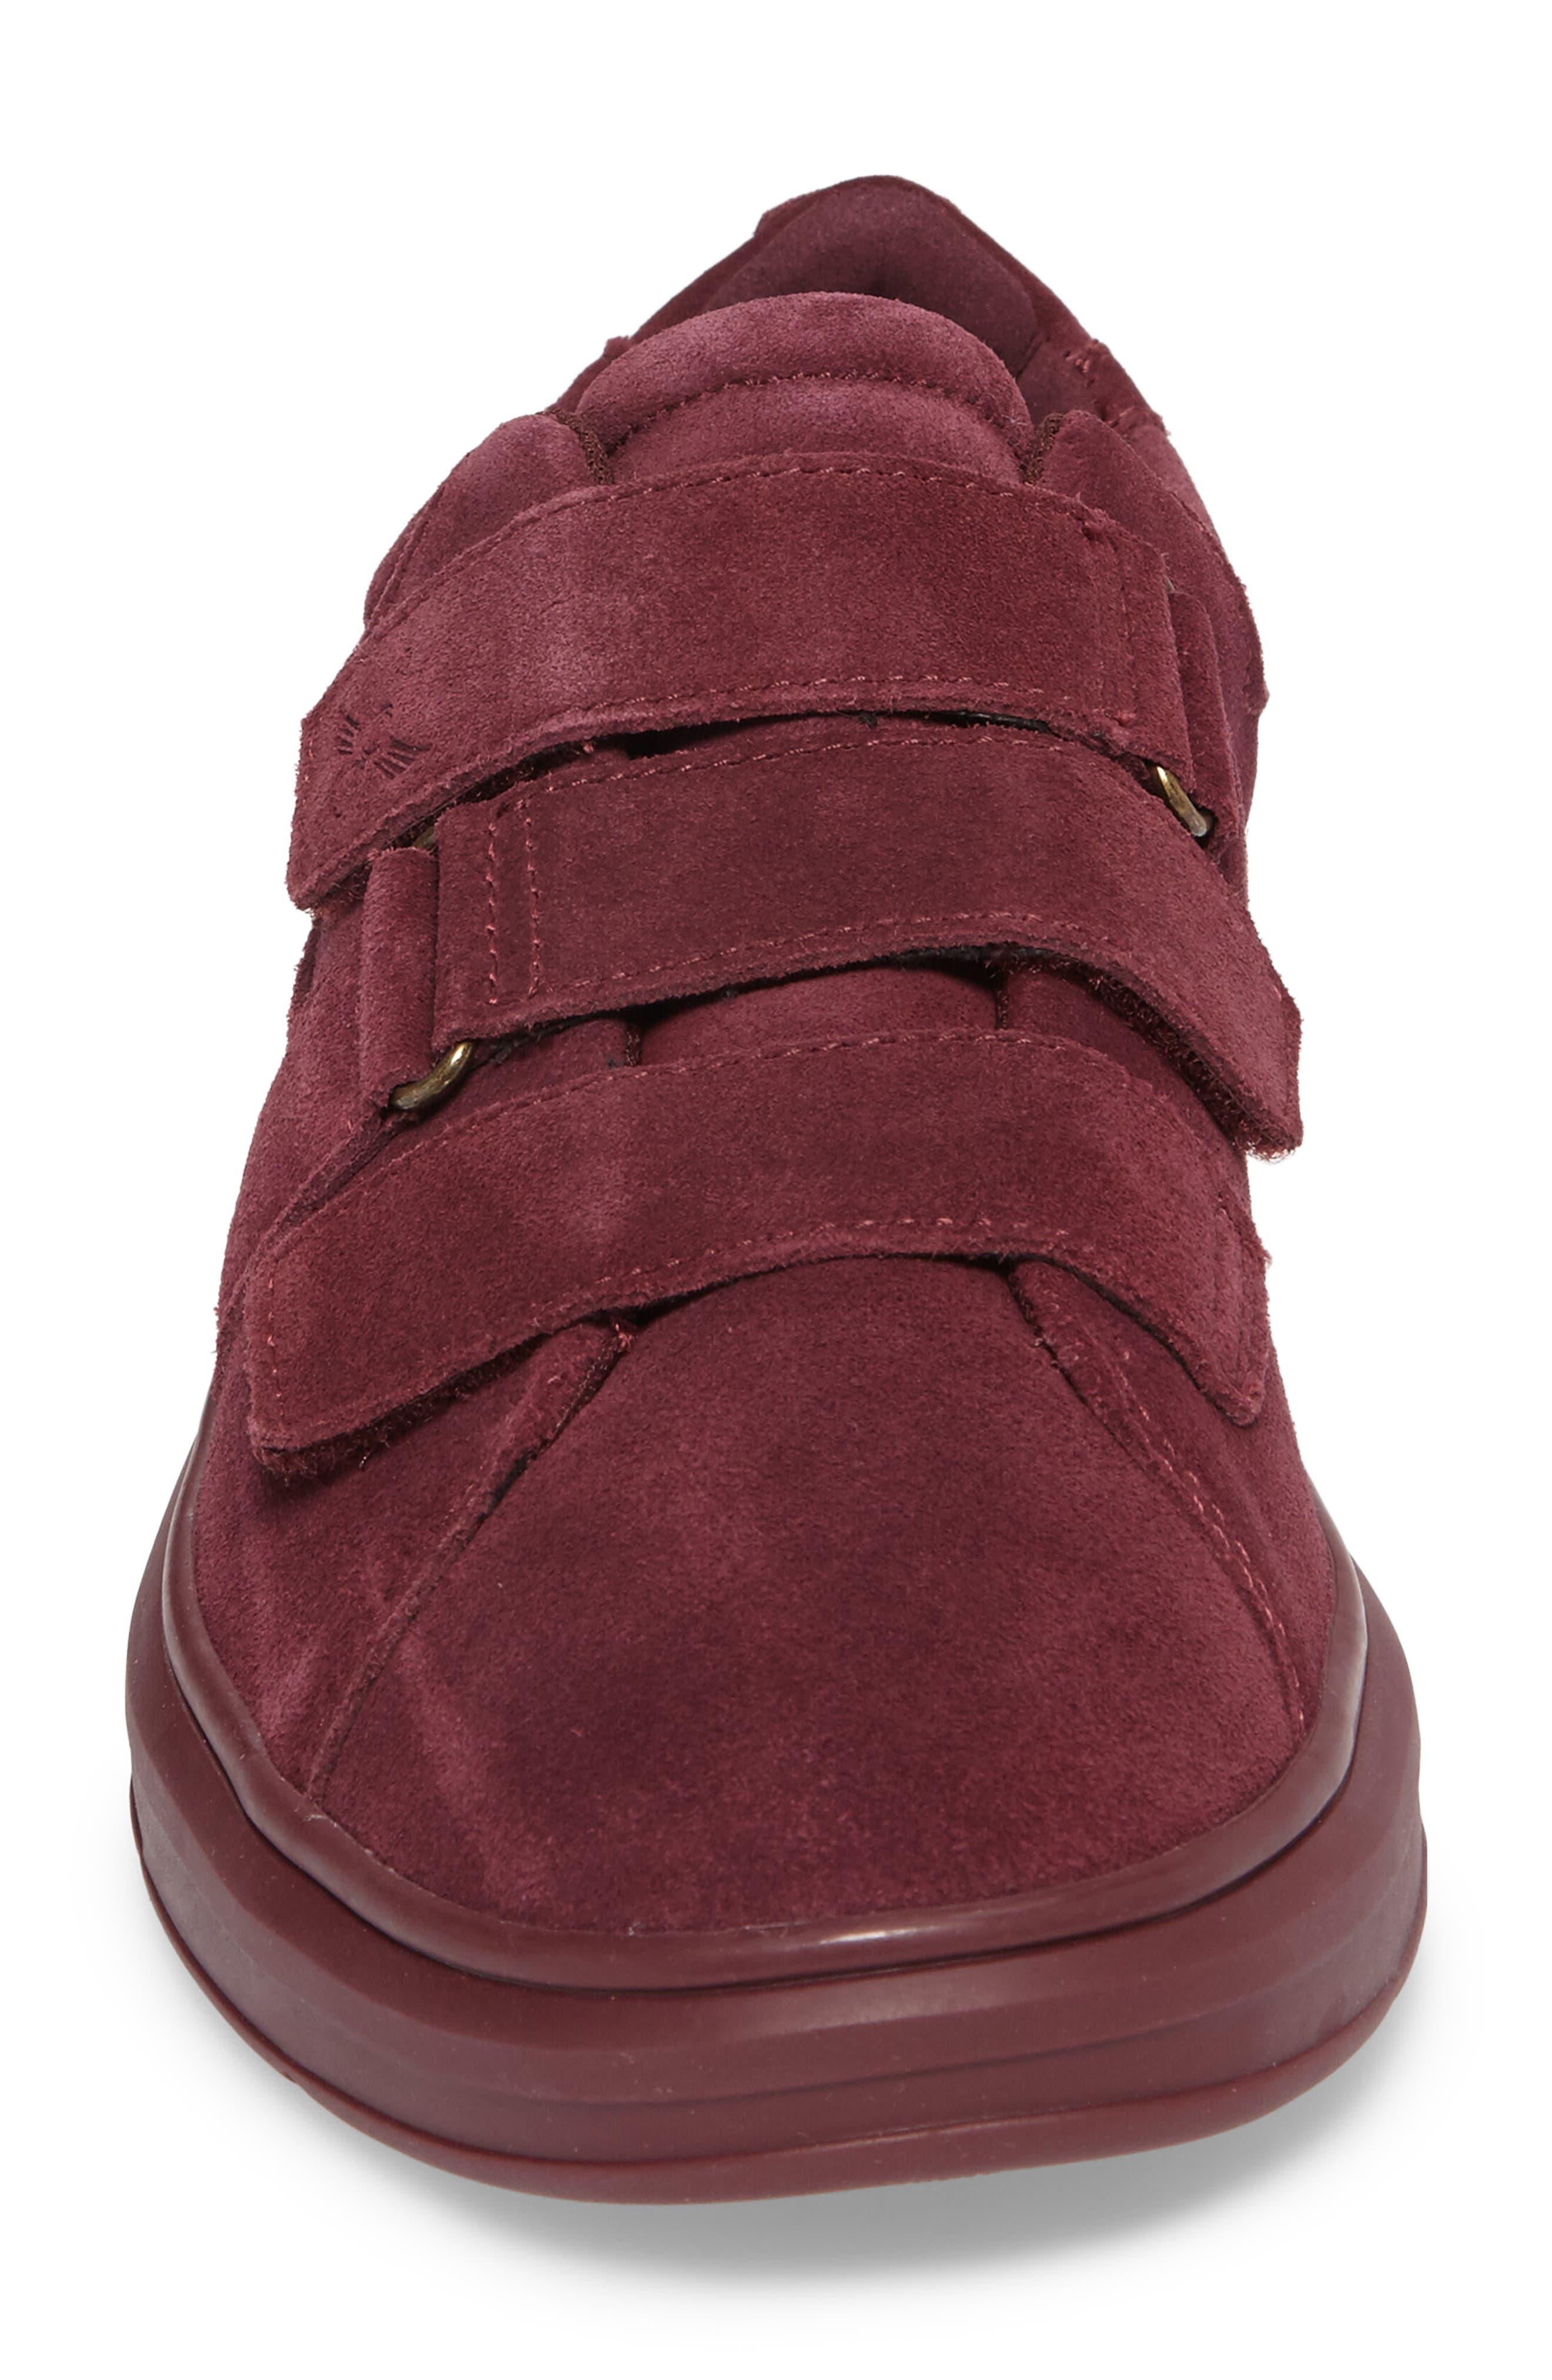 Meleti Sneaker,                             Alternate thumbnail 4, color,                             Dark Burgundy Leather